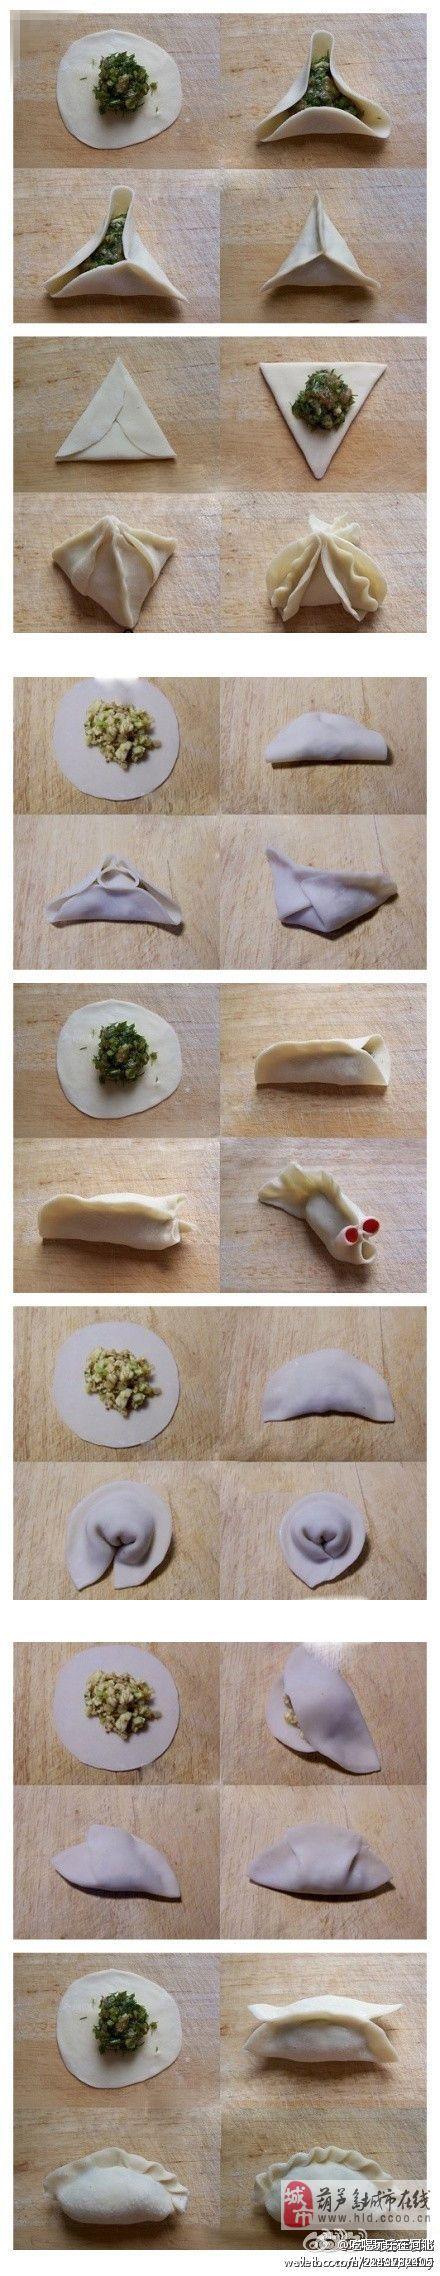 【饺子的7种包法】可爱的饺子,原来你还能长成介个样子!,